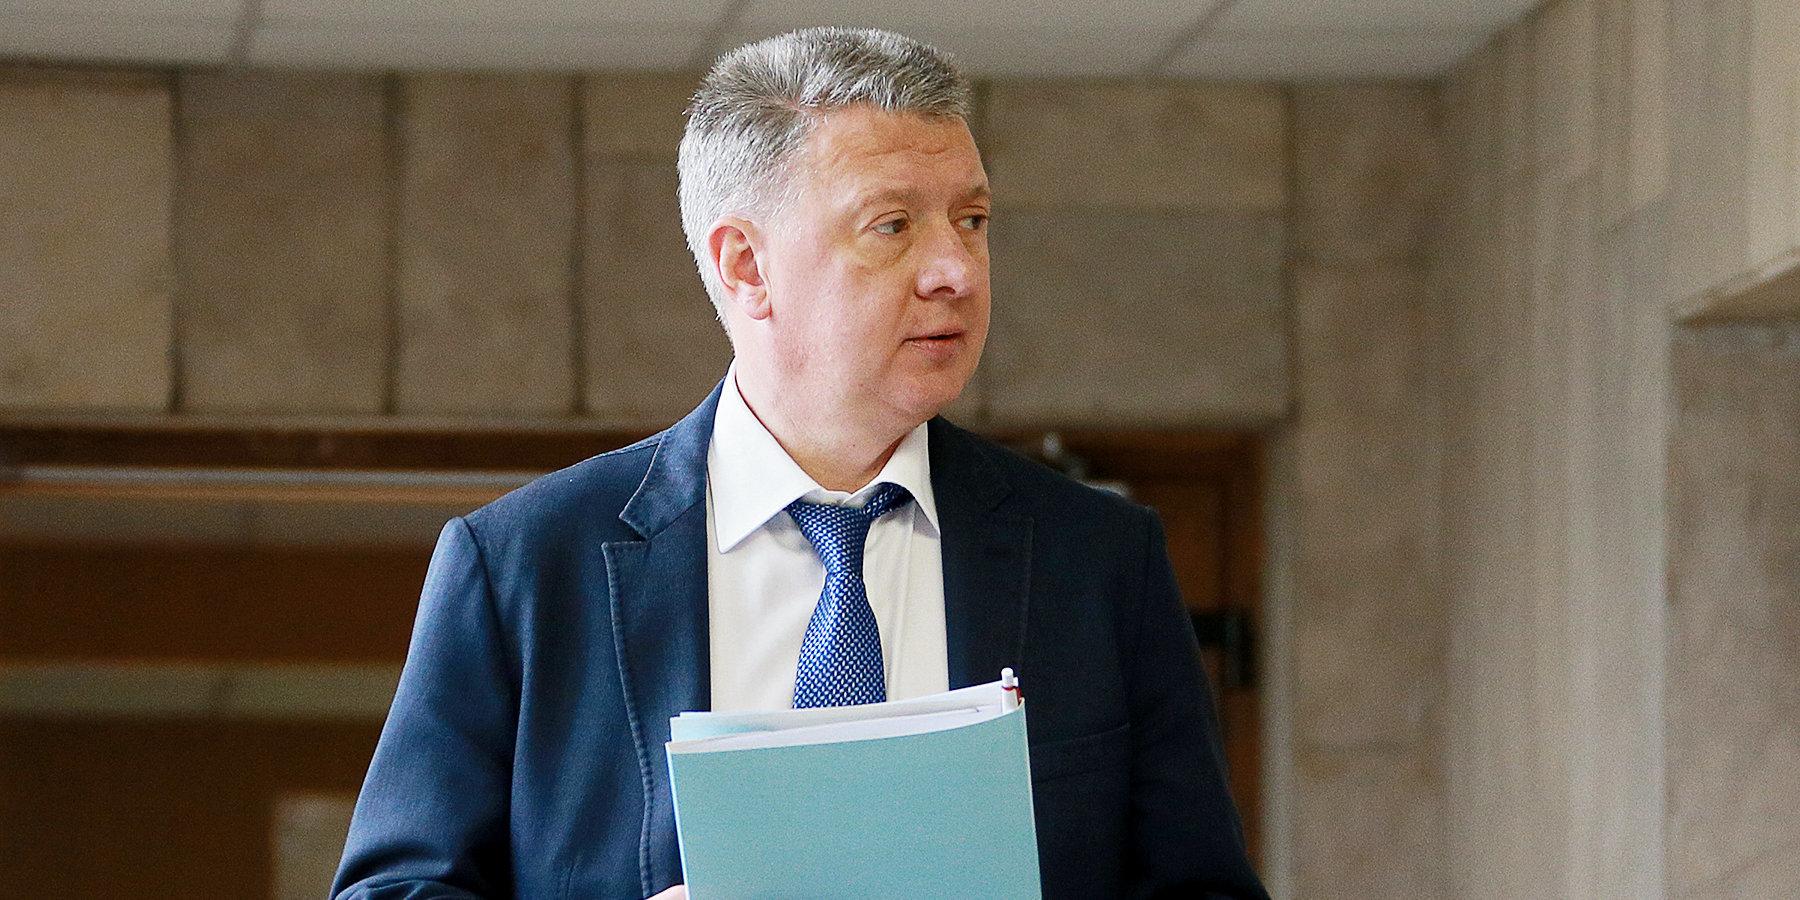 Шляхтин пропустит заседание совета ИААФ, где будет обсуждаться вопрос восстановления ВФЛА